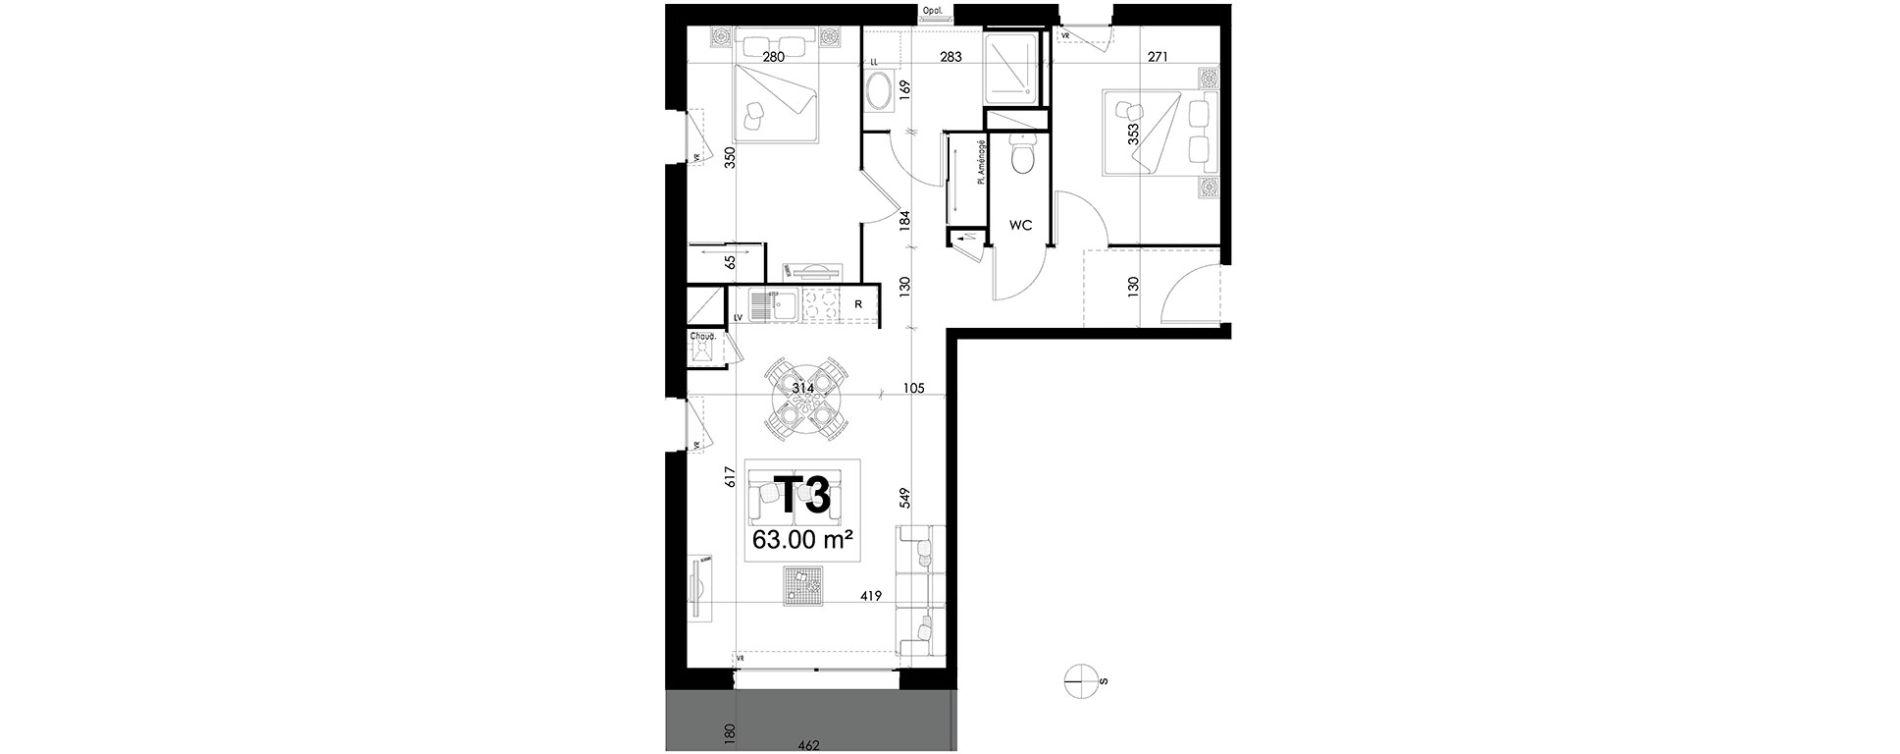 Appartement T3 de 63,00 m2 à Theix Centre